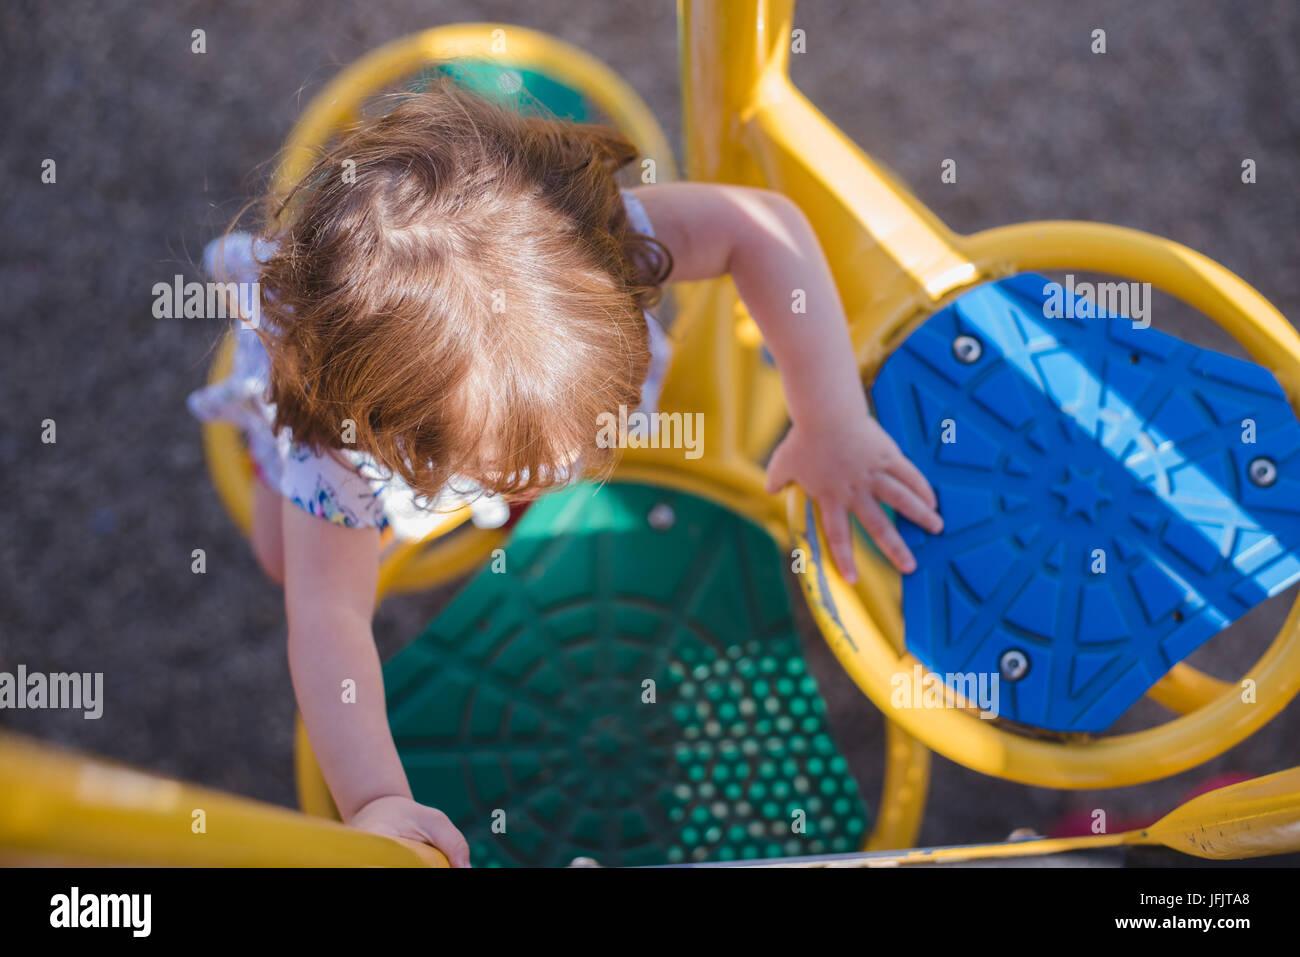 Una giovane ragazza si arrampica su attrezzature per parchi giochi nella luce del sole brillante da indossare scarpe Immagini Stock